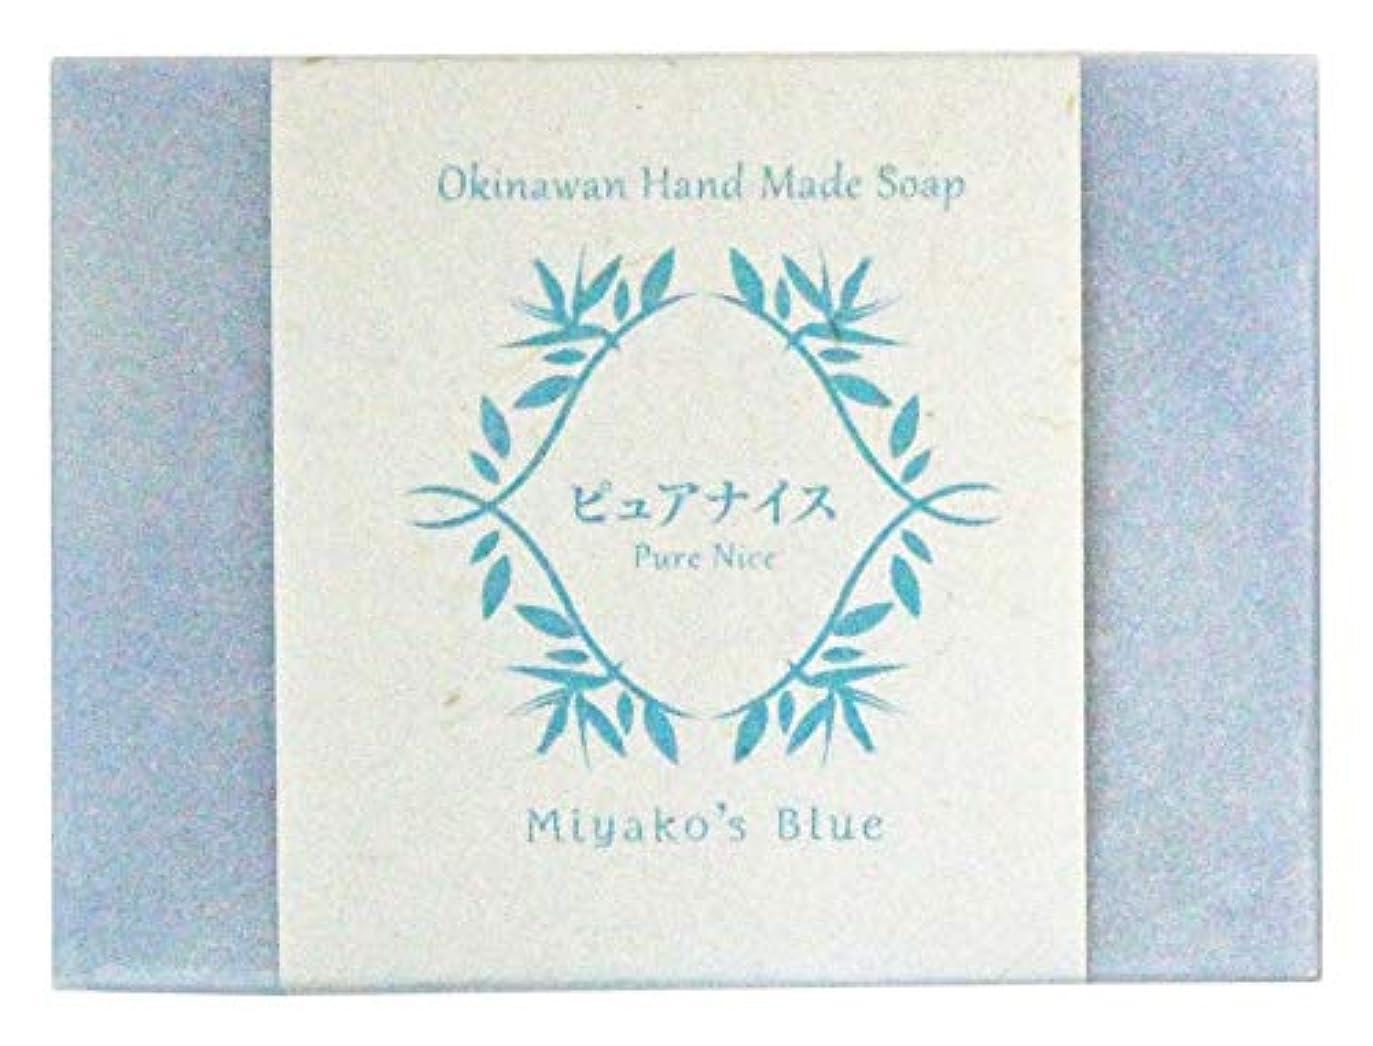 シリング自殺トランスミッションピュアナイス おきなわ素材石けん Miyako's Blue 100g 3個セット